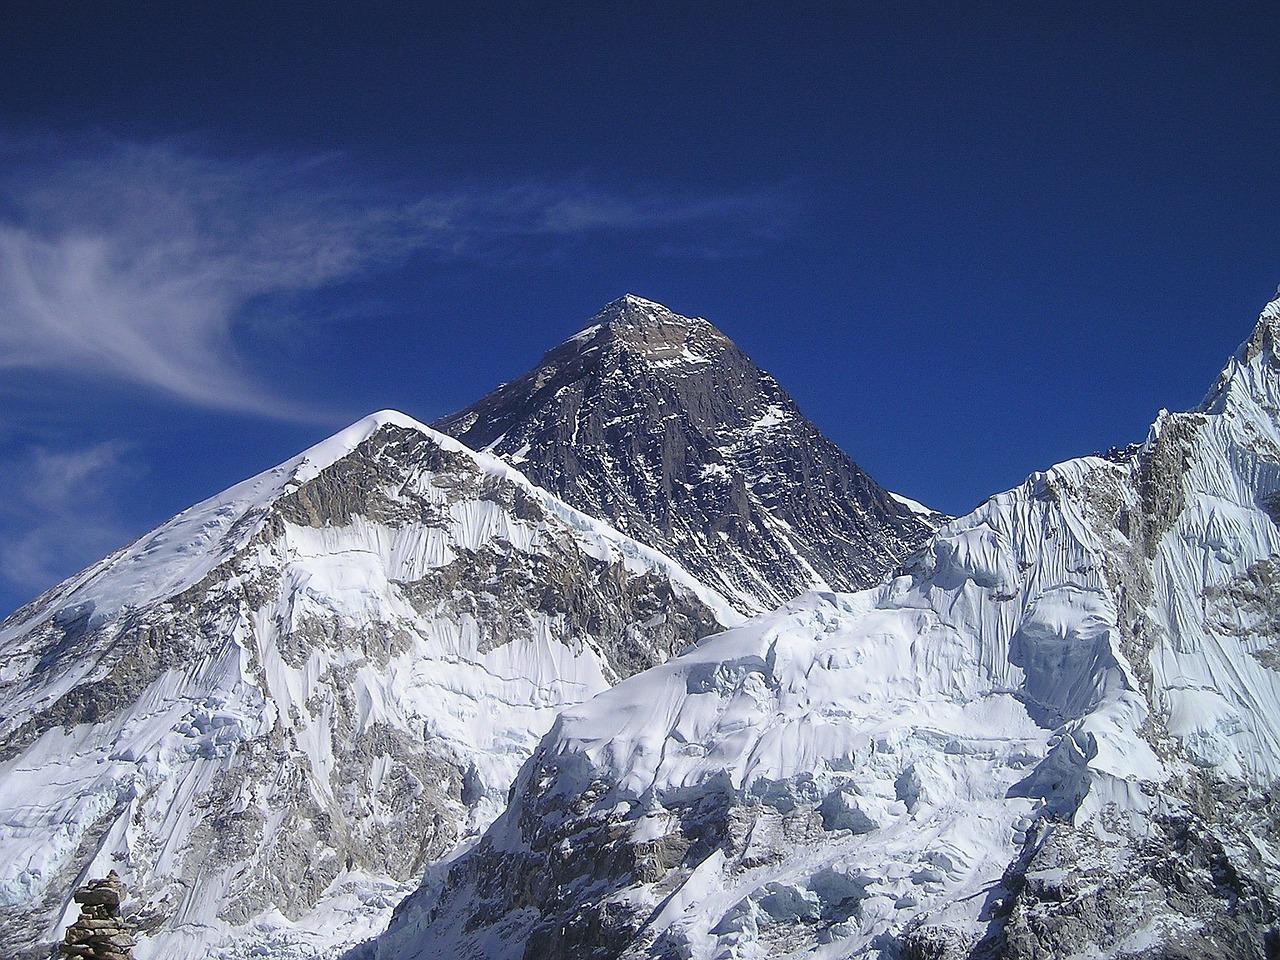 ヒマラヤ山脈の画像